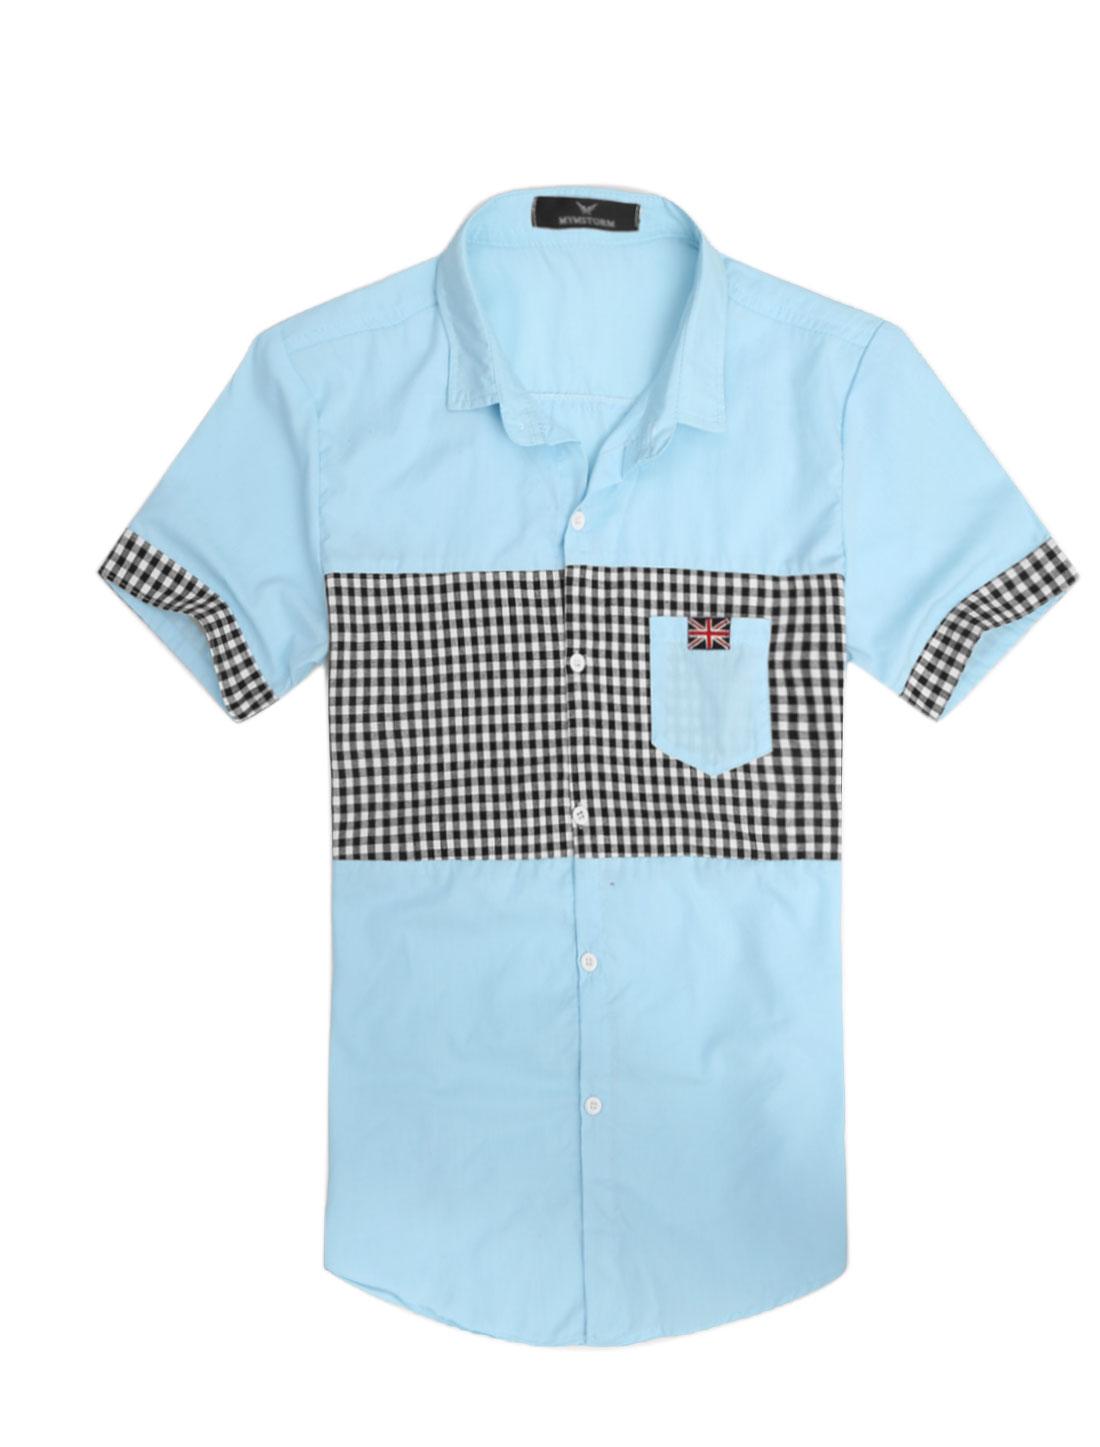 Men Plaids Panel Union Flag Applique Chic Top Shirt Light Blue M